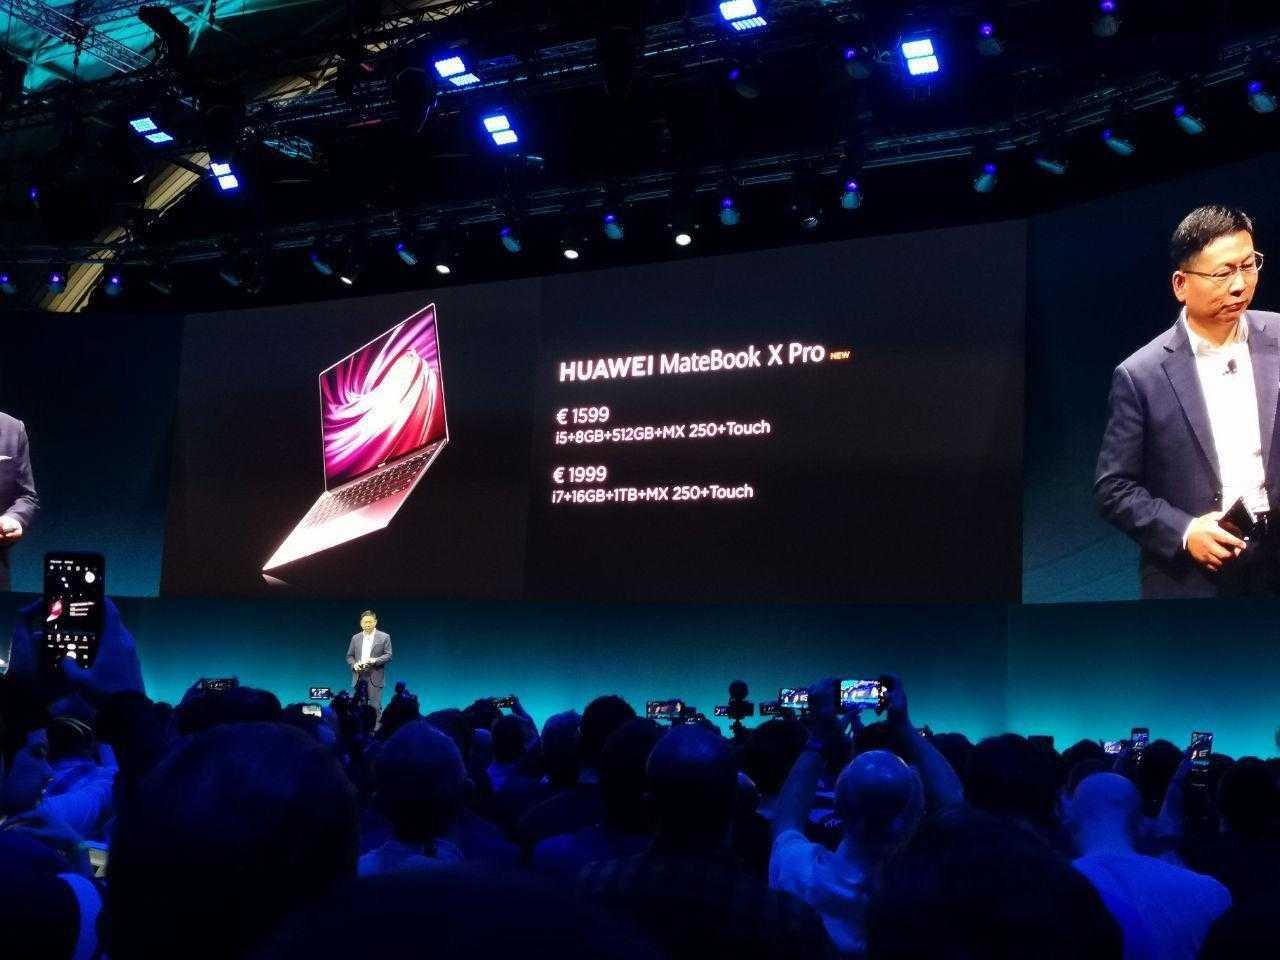 MWC 2019. Huawei показал новый MateBook X Pro. Ещё больше мощности и памяти (photo 2019 02 24 16 57 49)